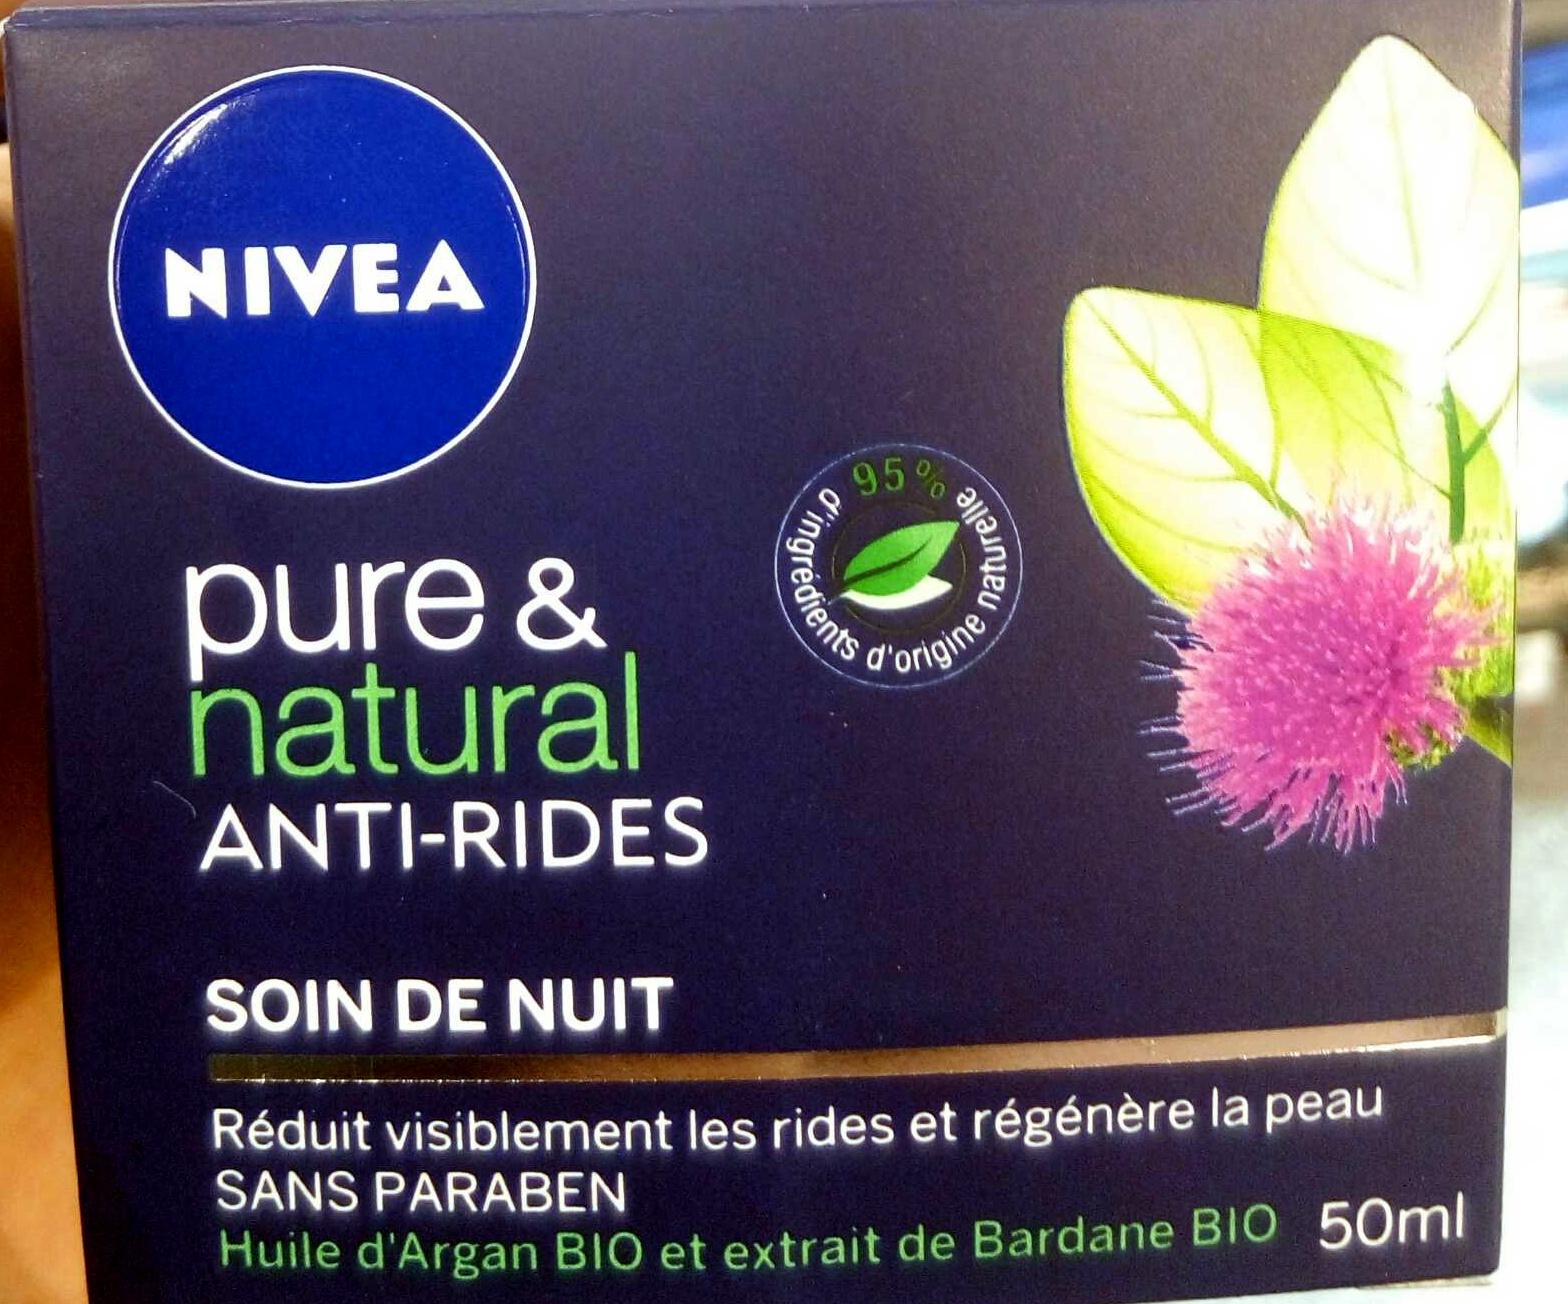 Pure & Natural Anti-rides Soin de nuit - Produit